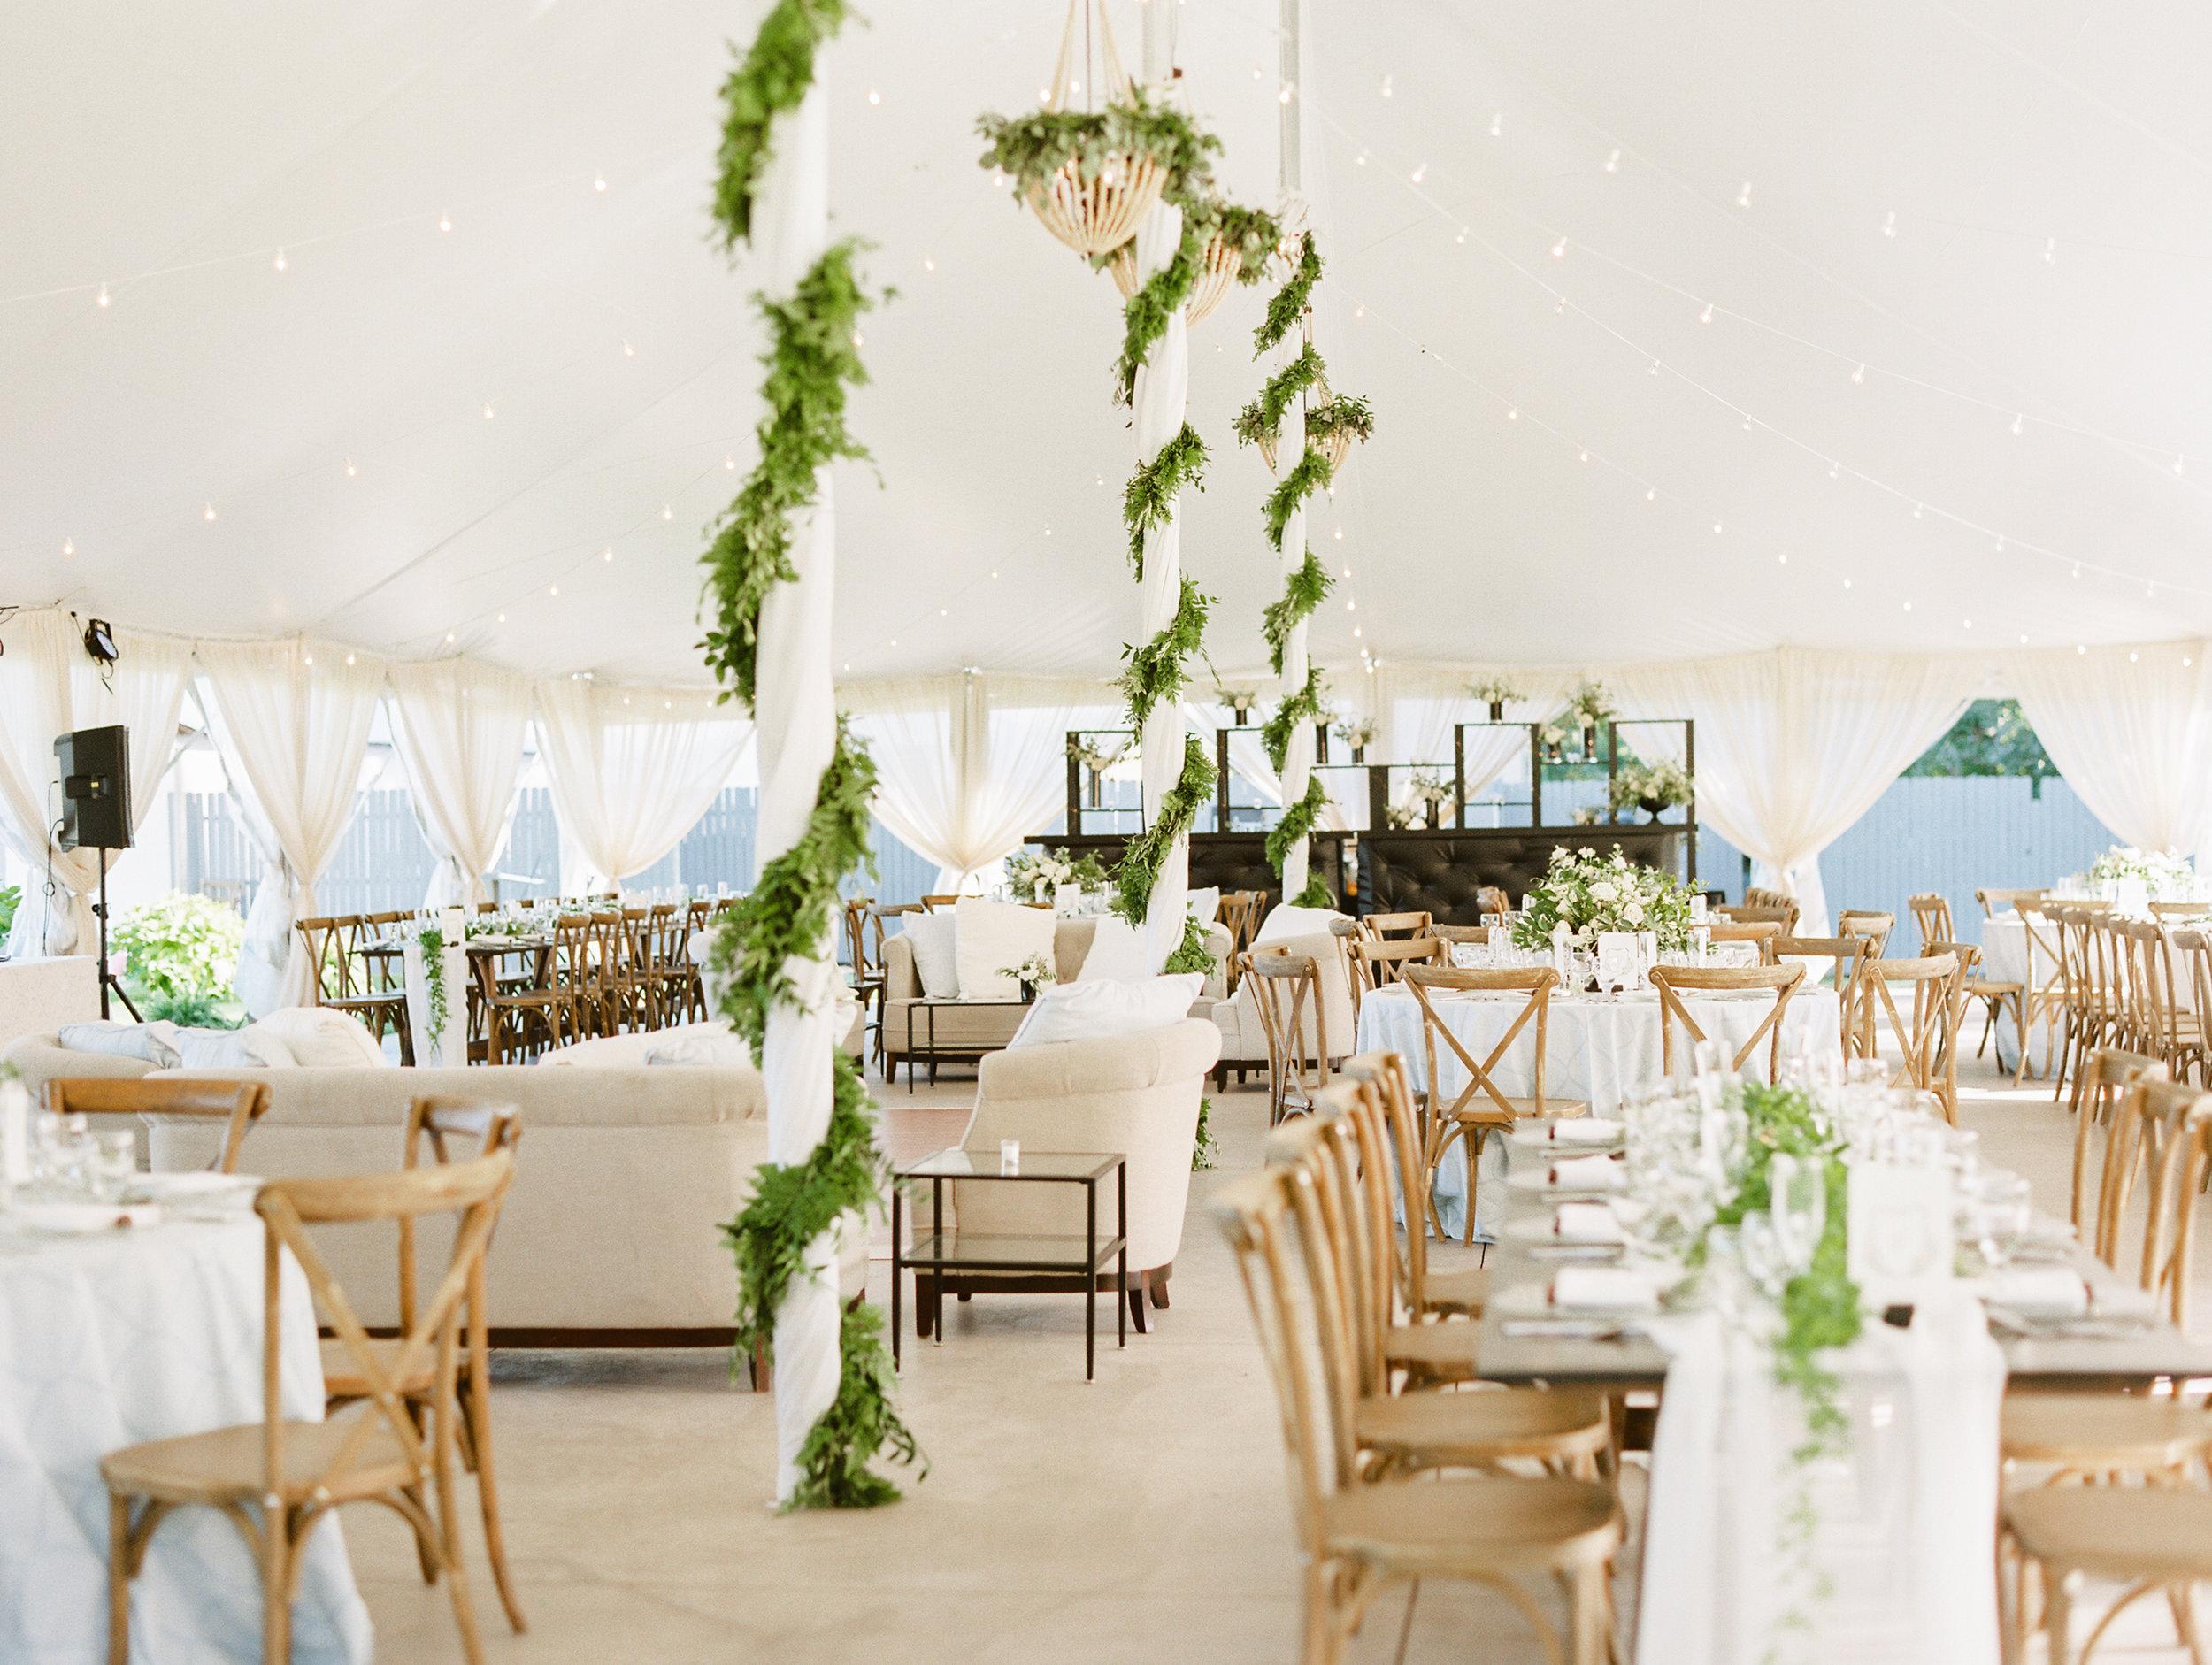 Steinlage+Wedding+Reception+Details-127.jpg